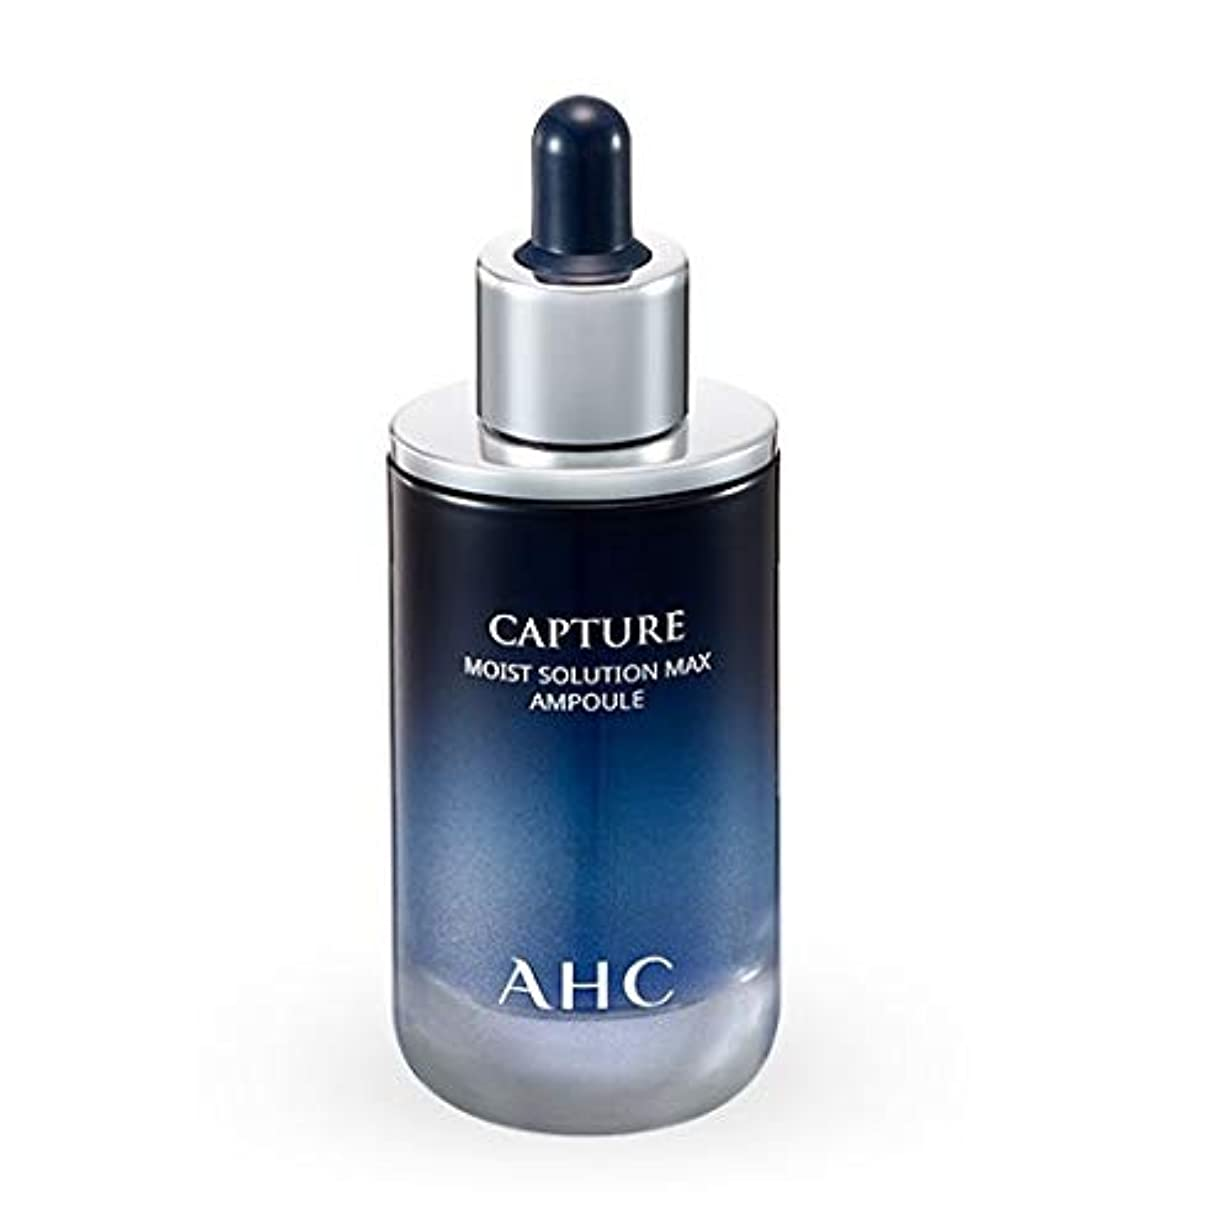 マージンローン慢性的AHC Capture Moist Solution Max Ampoule/キャプチャー モイスト ソリューション マックス アンプル 50ml [並行輸入品]